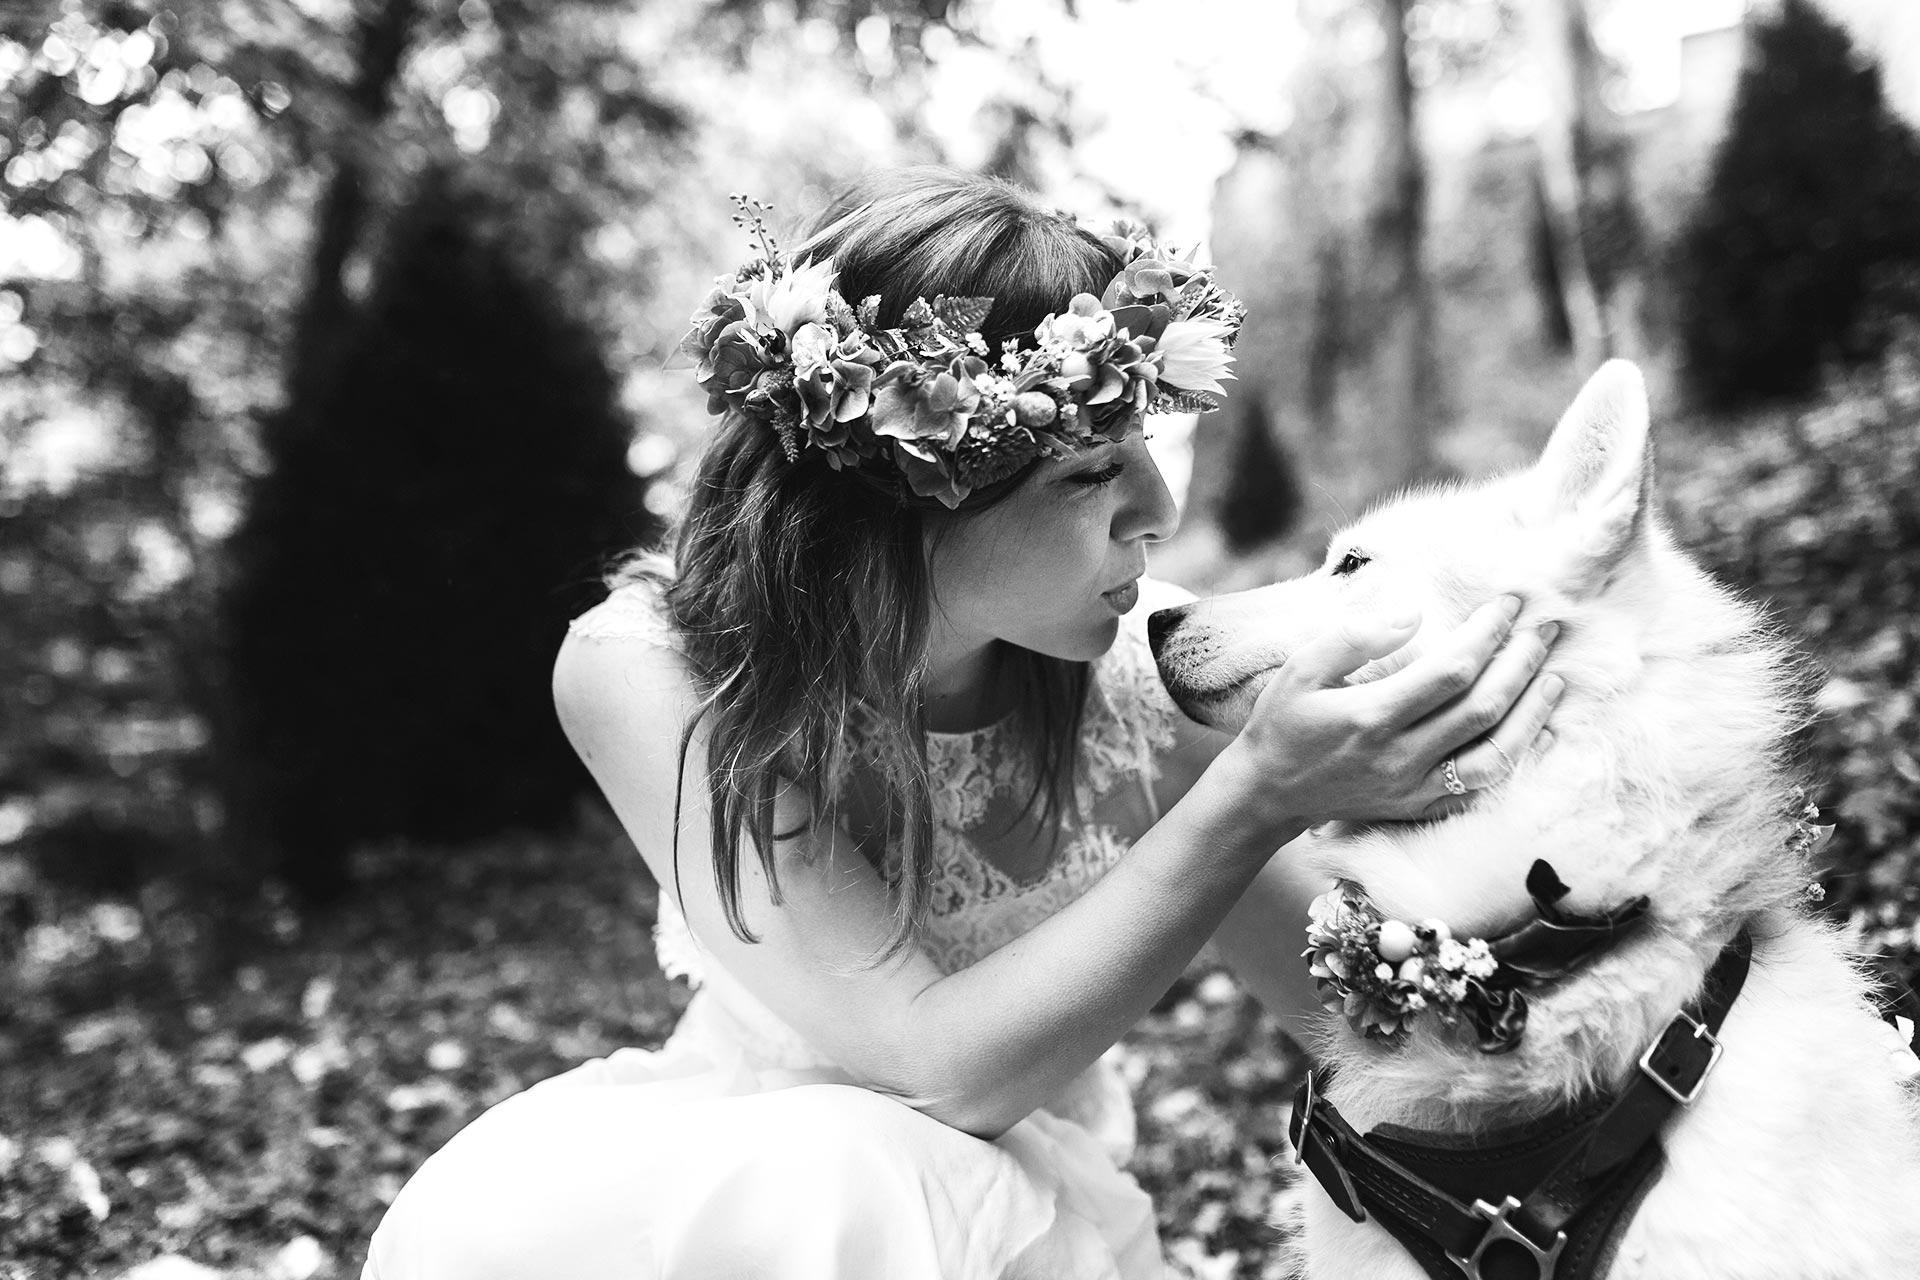 Warum Hunde eigentlich nie wirklich sterben, Husky Angel, www.whoismocca.com